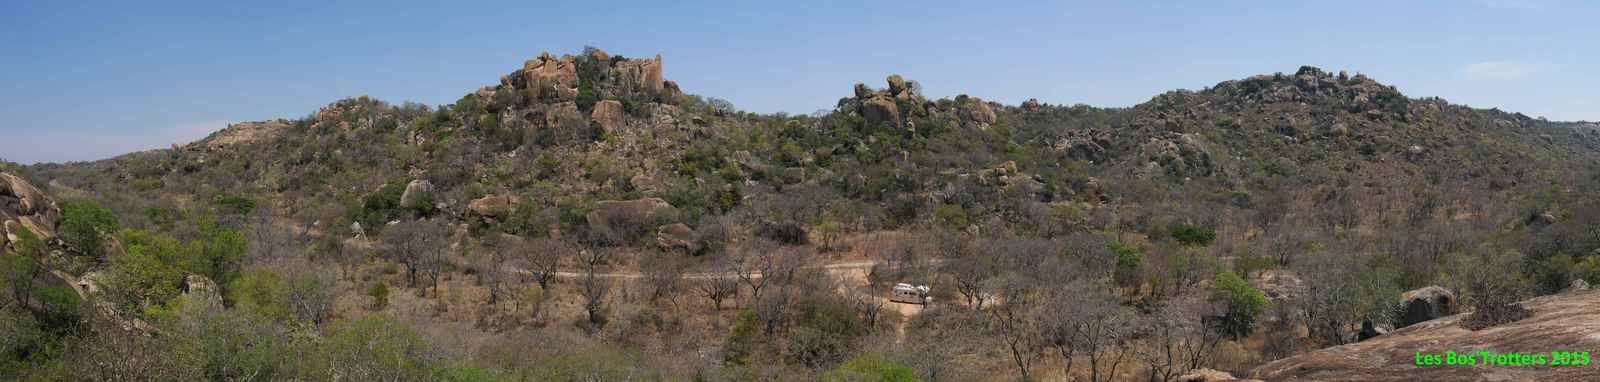 Paysage du parc Matopo